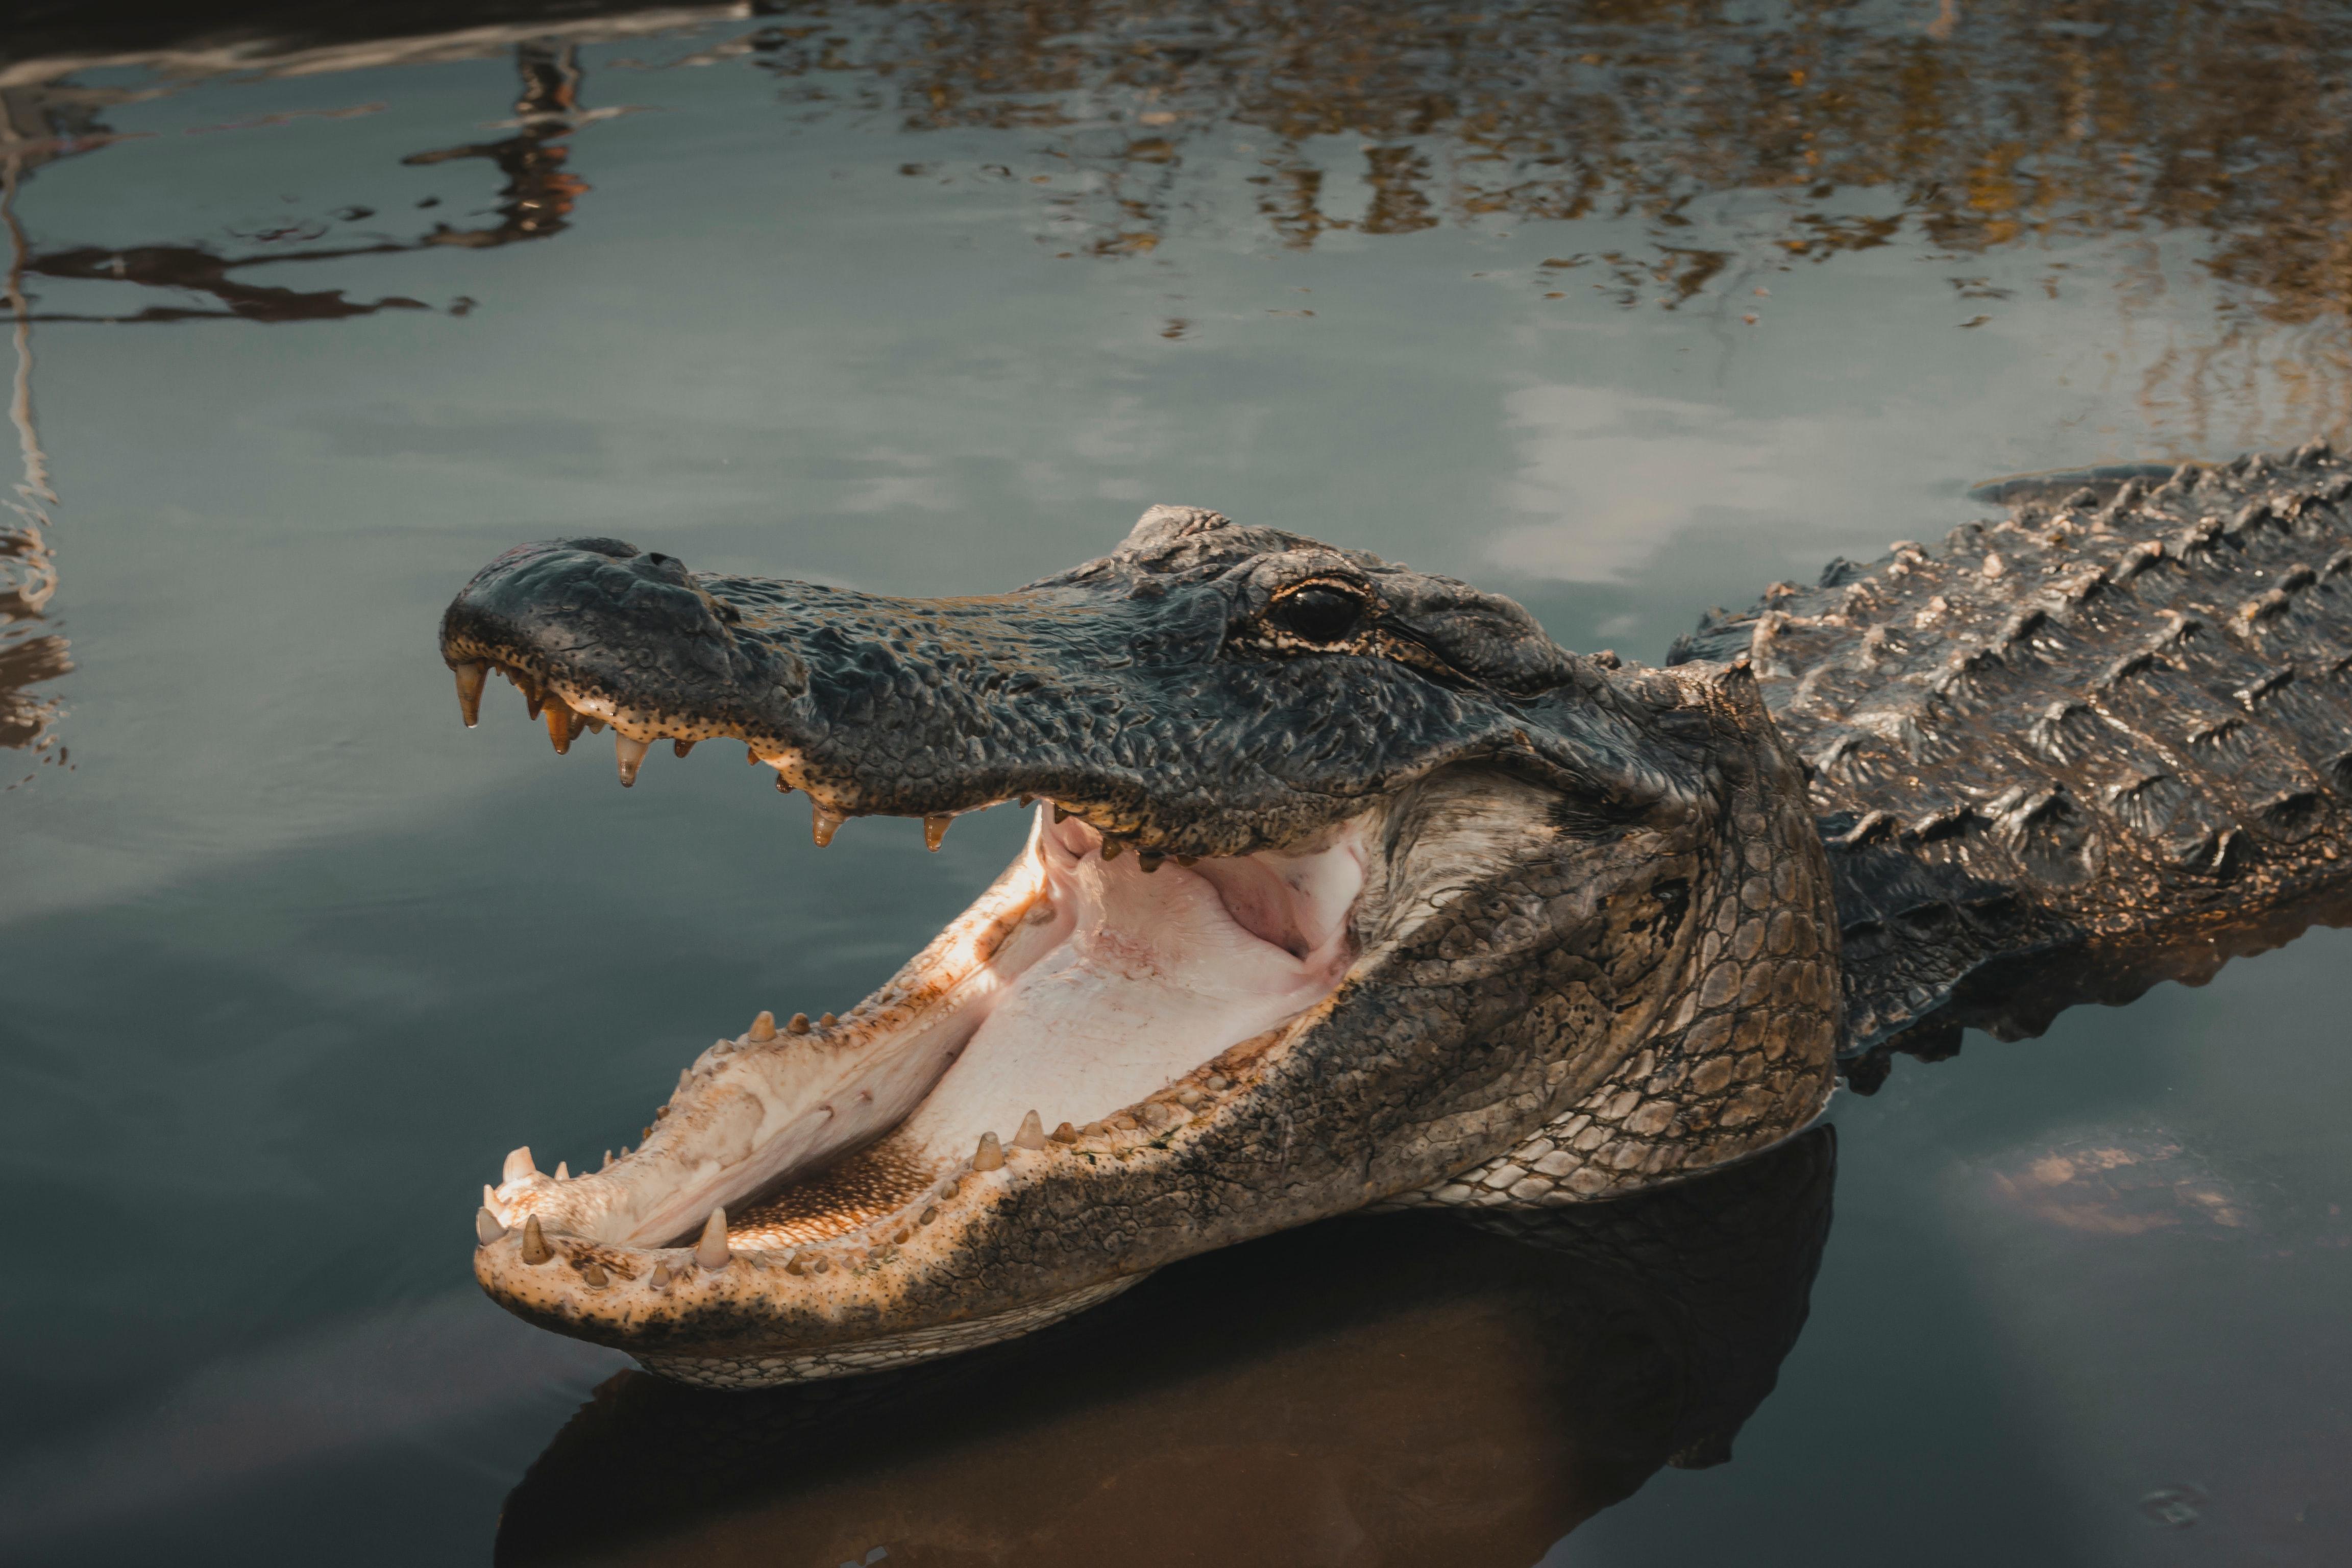 alligator rebecca renner